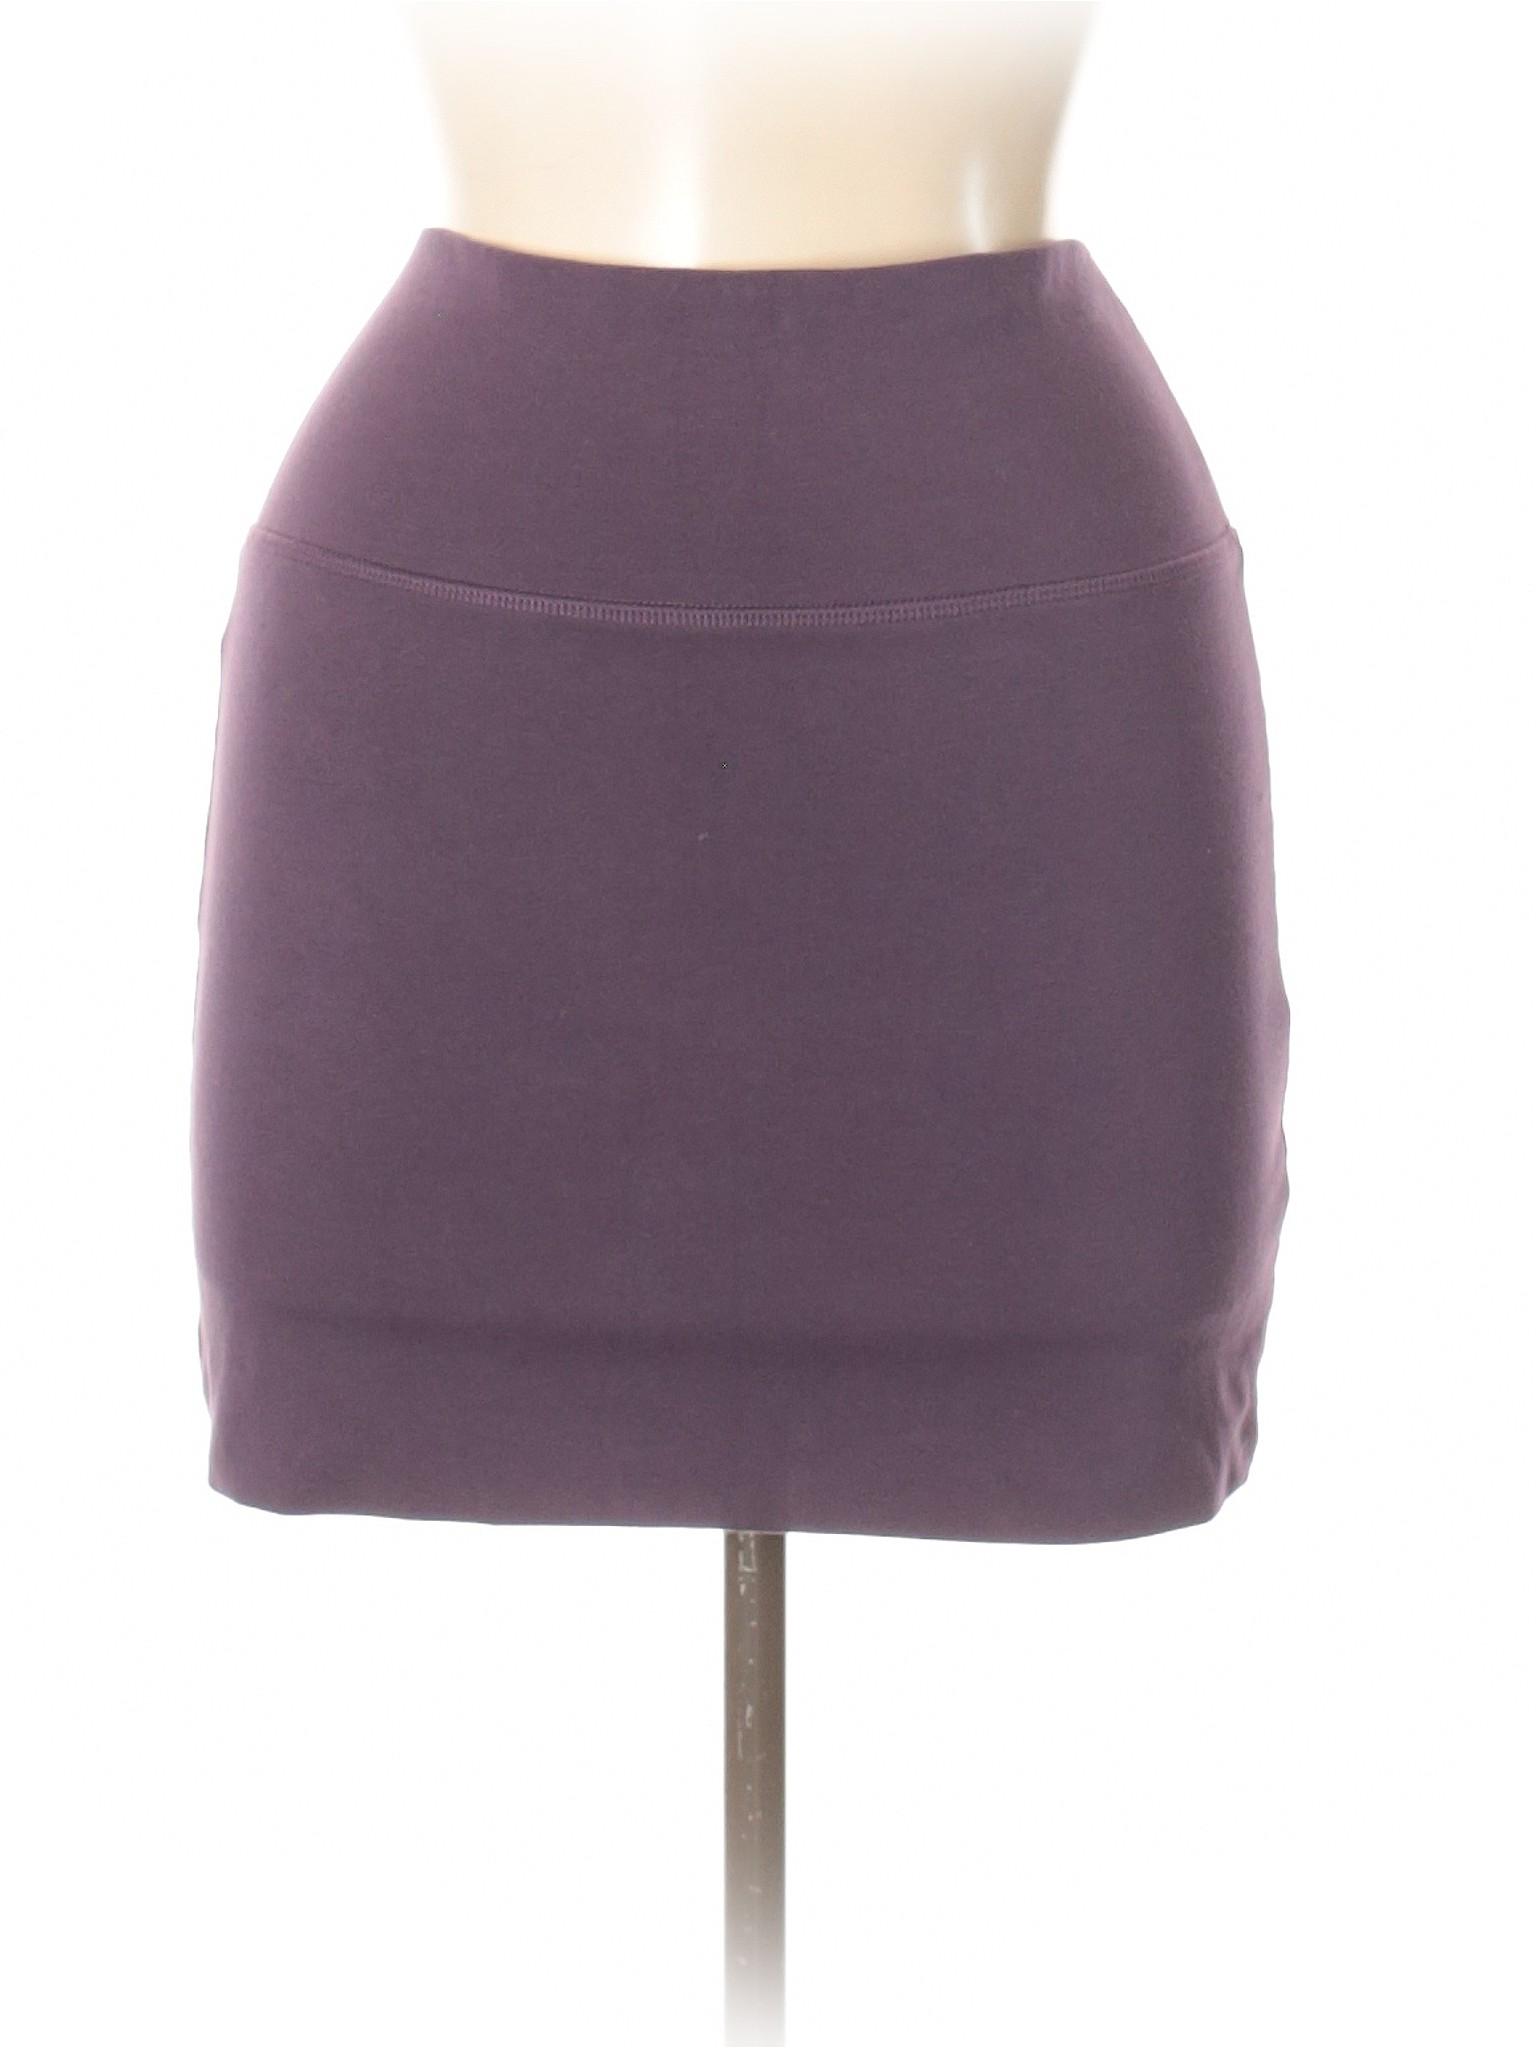 Boutique Casual Skirt Boutique BDG leisure leisure qx4vCqr8